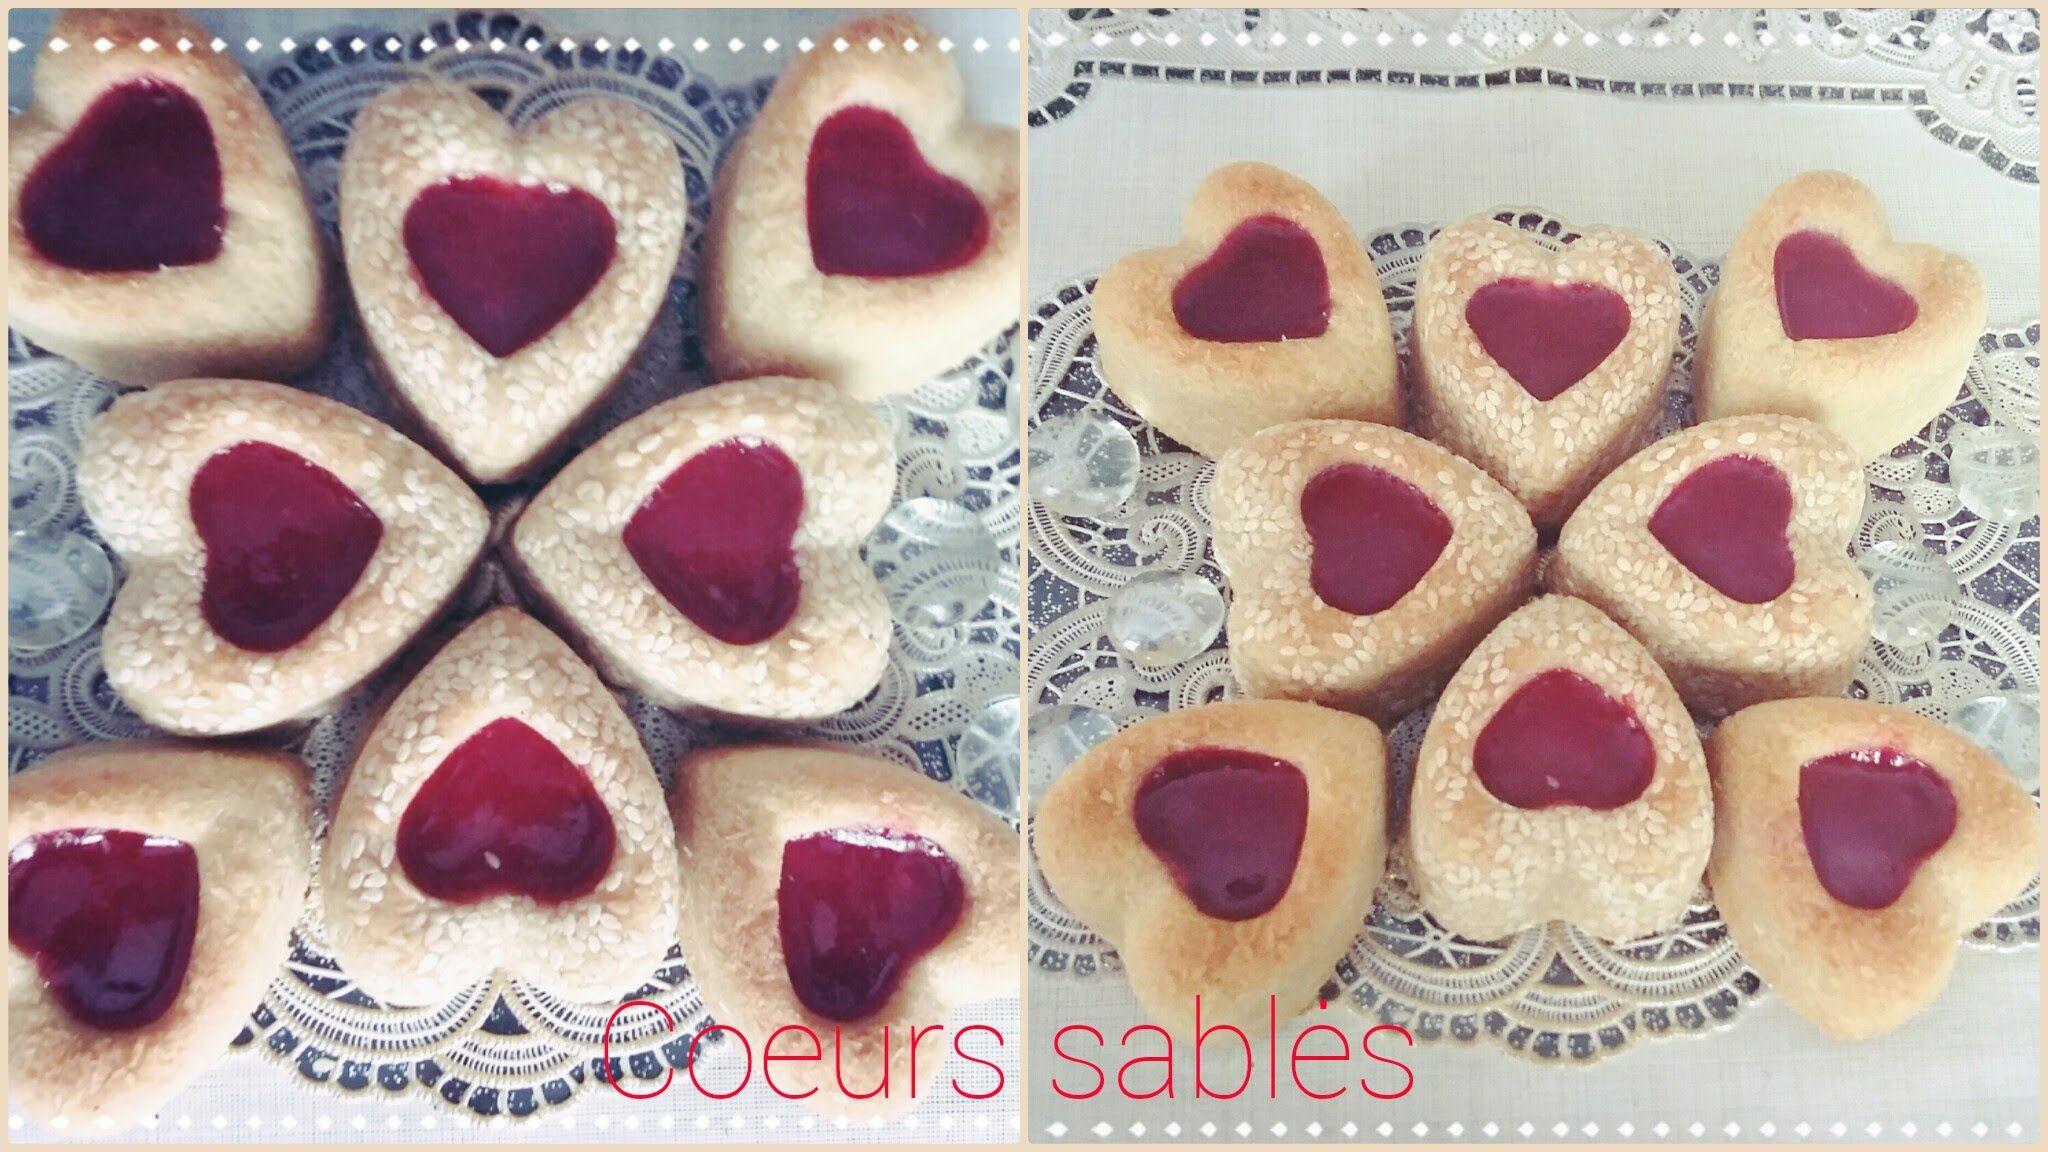 Coeurs Aux Grain De Sesame Djeldjlania Gateaux Algerien Facile Et Rapide Sables جلجلانية Youtube Gateau Algerien Facile Gateau Algerien Alimentation